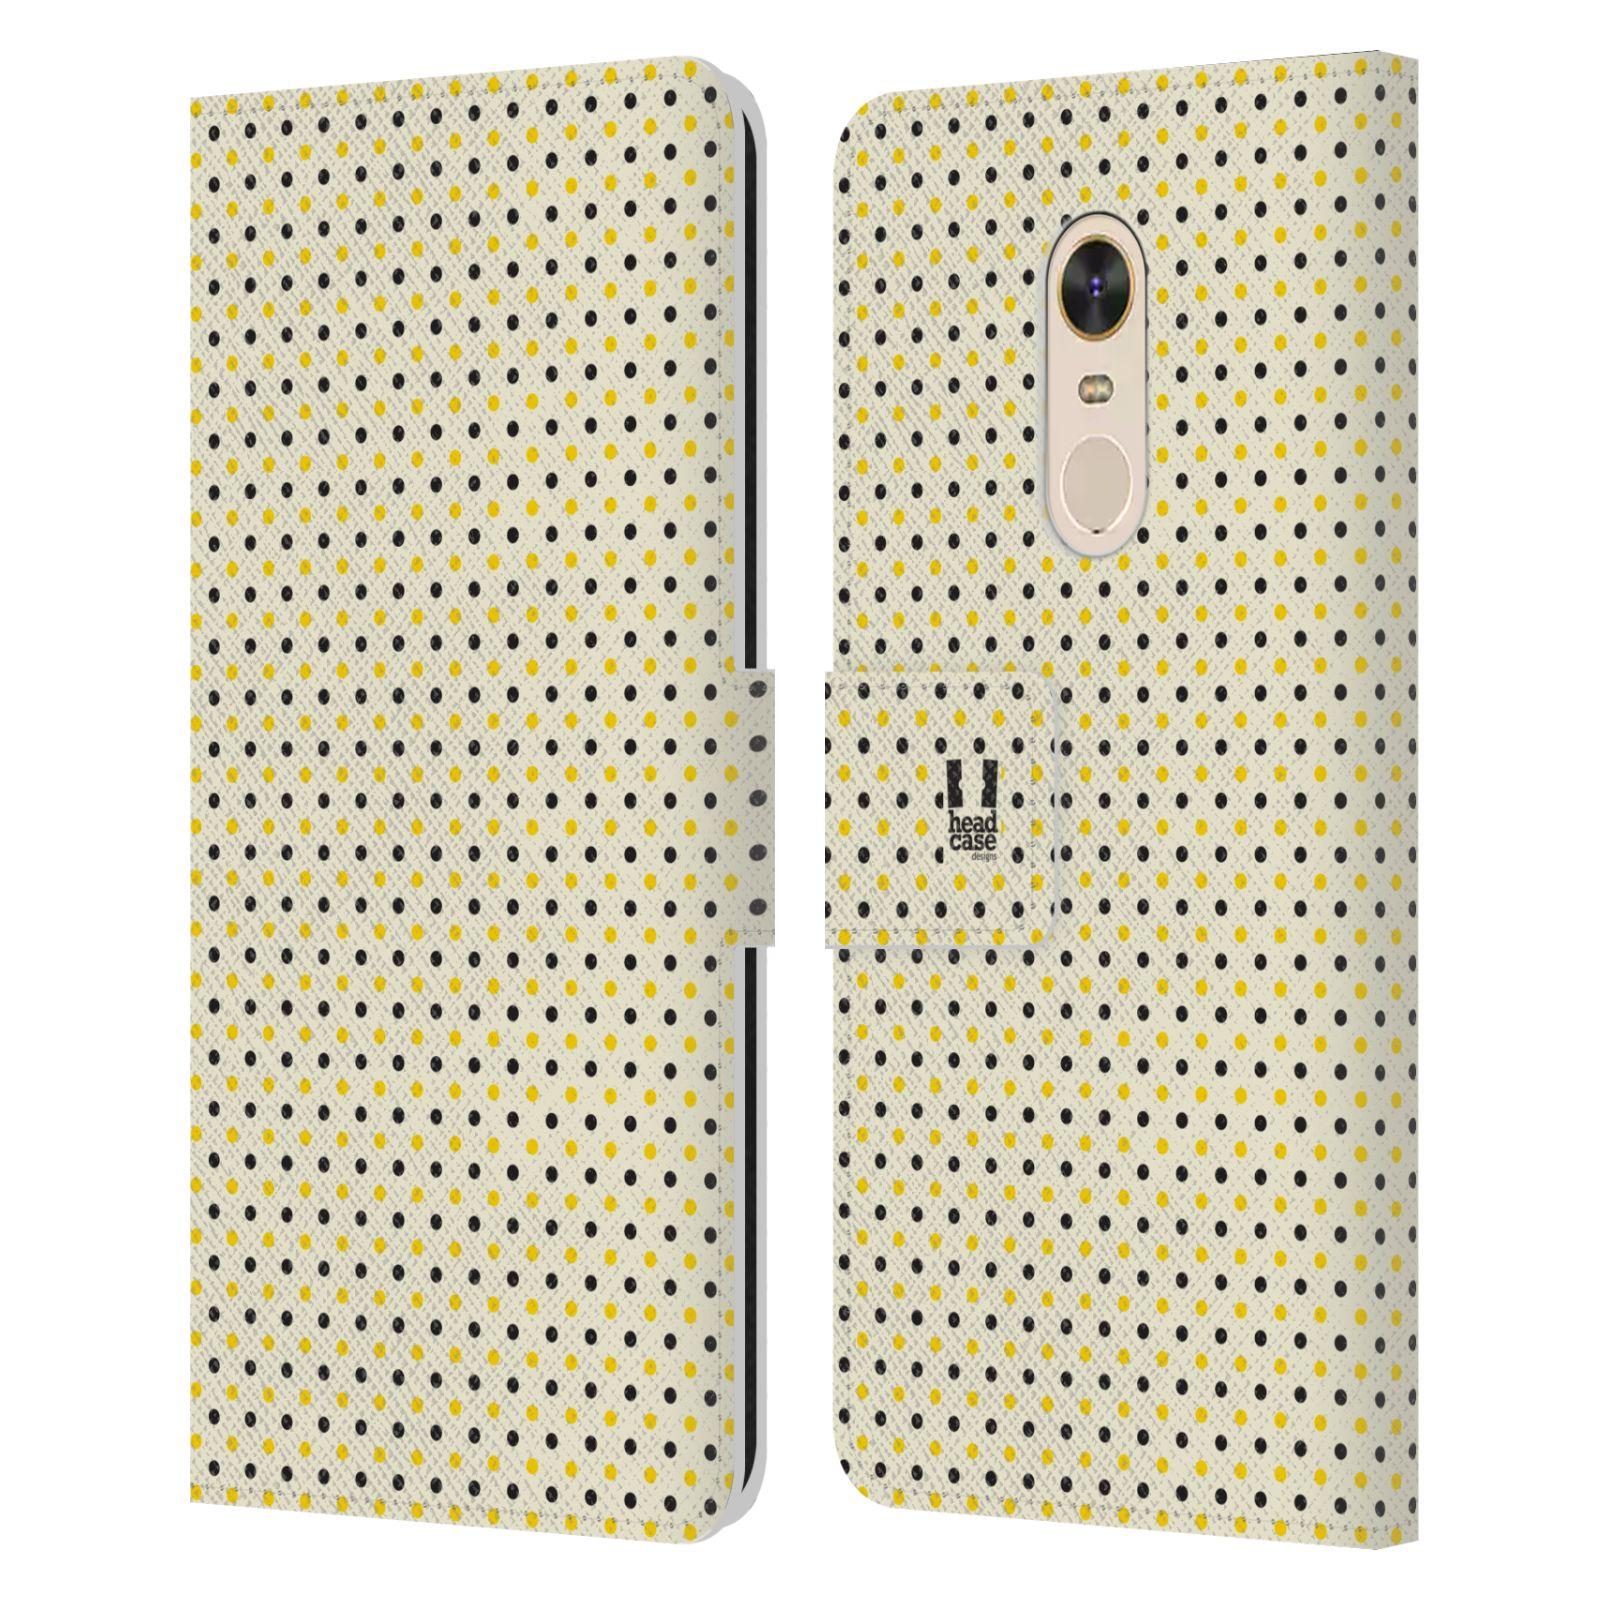 HEAD CASE Flipové pouzdro pro mobil Xiaomi Redmi Note 5 VČELÍ VZOR tečky a puntíky